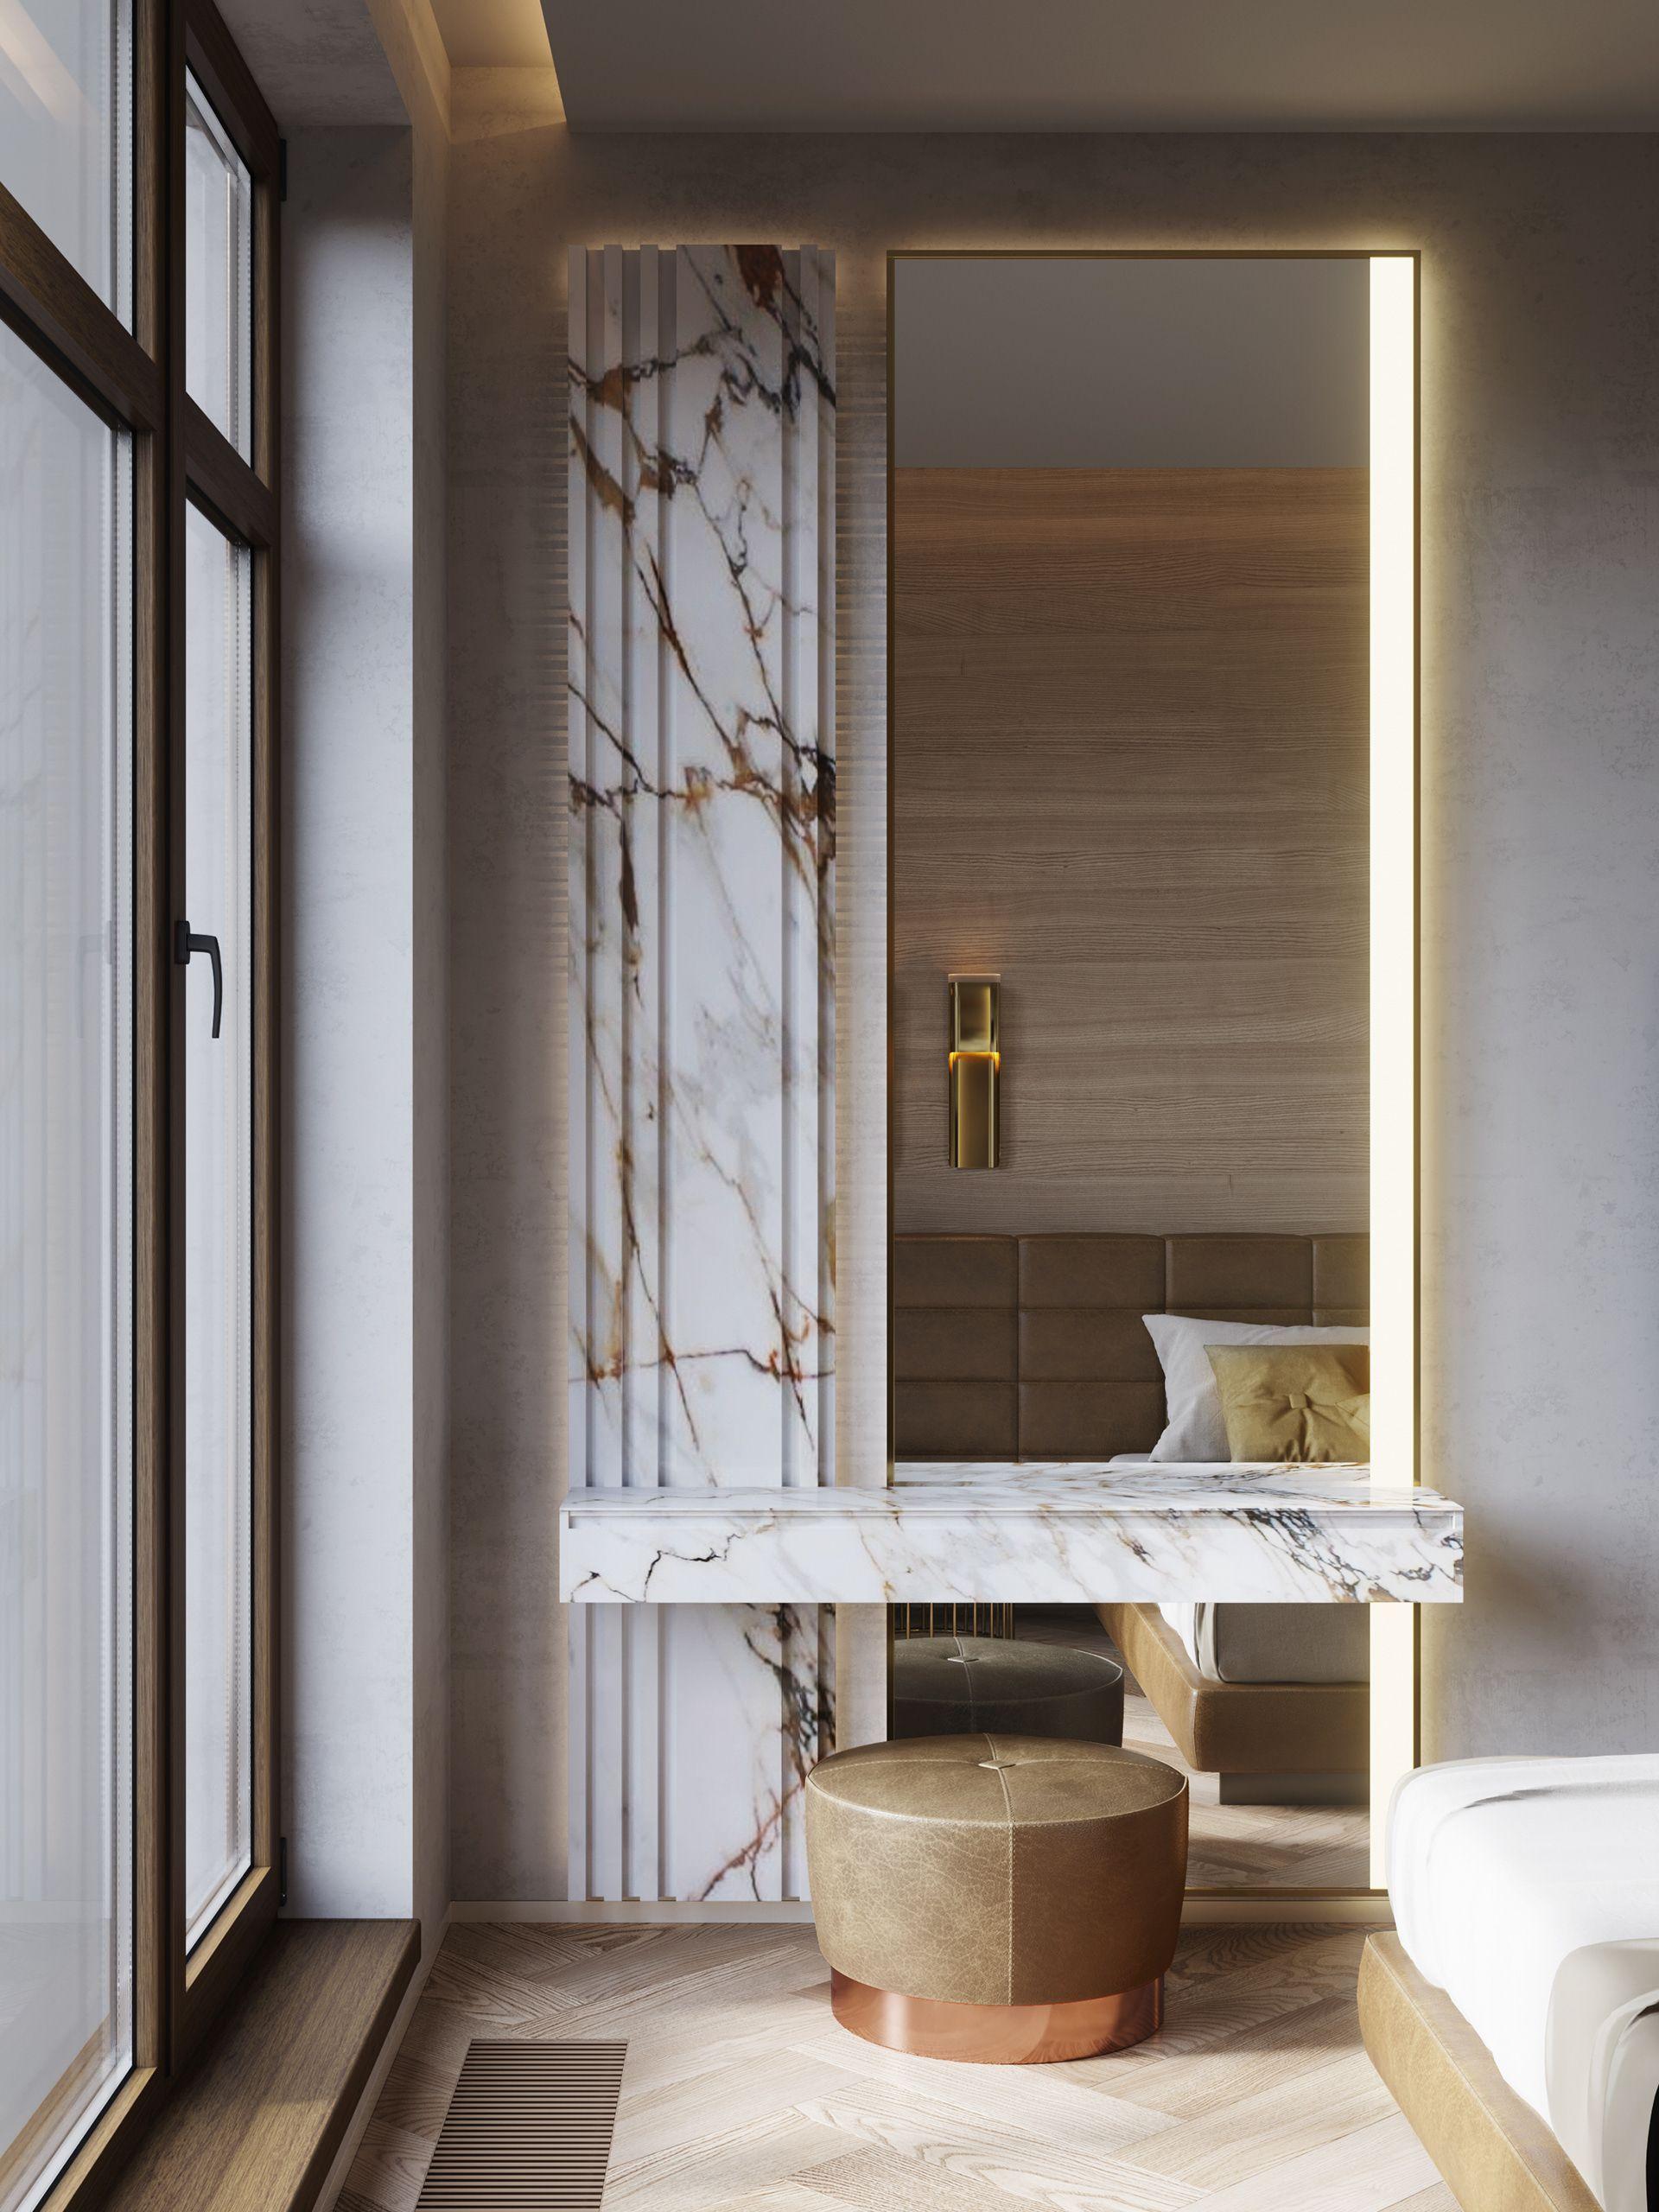 Coin Bureau Ou Coiffeuse Du0027une Chambre Du0027hôtel De Luxe, Marbre Et Or  #decoration #design #bed